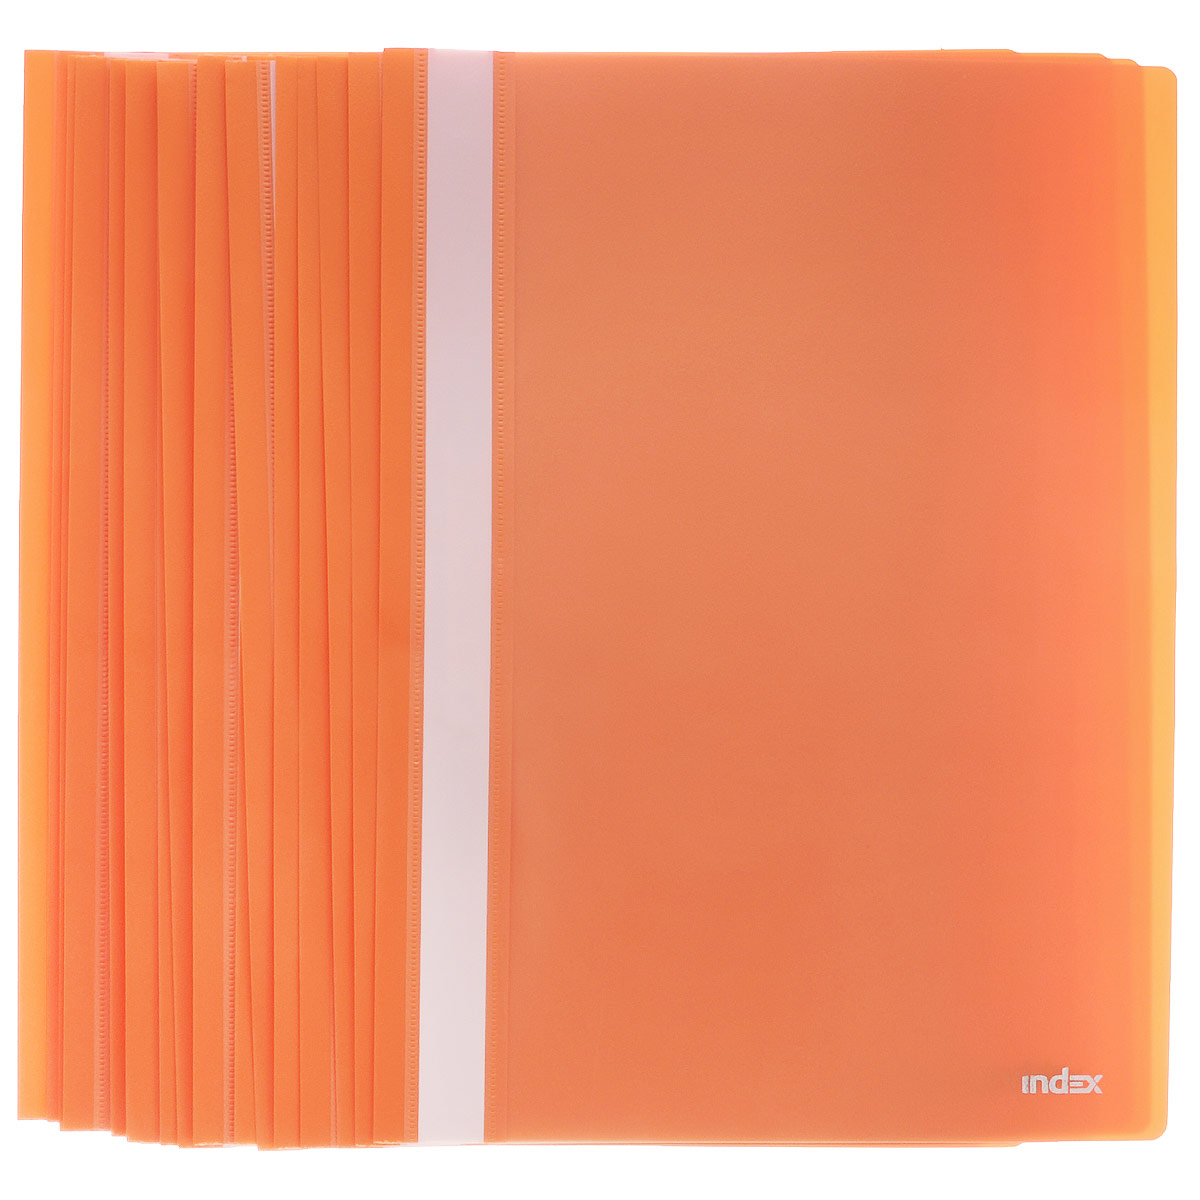 Папка-скоросшиватель Index, цвет: оранжевый. Формат А4, 20 штFS-54100Папка-скоросшиватель Index, изготовленная из высококачественного полипропилена, это удобный и практичный офисный инструмент, предназначенный для хранения и транспортировки рабочих бумаг и документов формата А4. Папка оснащена верхним прозрачным матовым листом и металлическим зажимом внутри для надежного удержания бумаг. В наборе - 20 папок.Папка-скоросшиватель - это незаменимый атрибут для студента, школьника, офисного работника. Такая папка надежно сохранит ваши документы и сбережет их от повреждений, пыли и влаги.Комплектация: 20 шт.